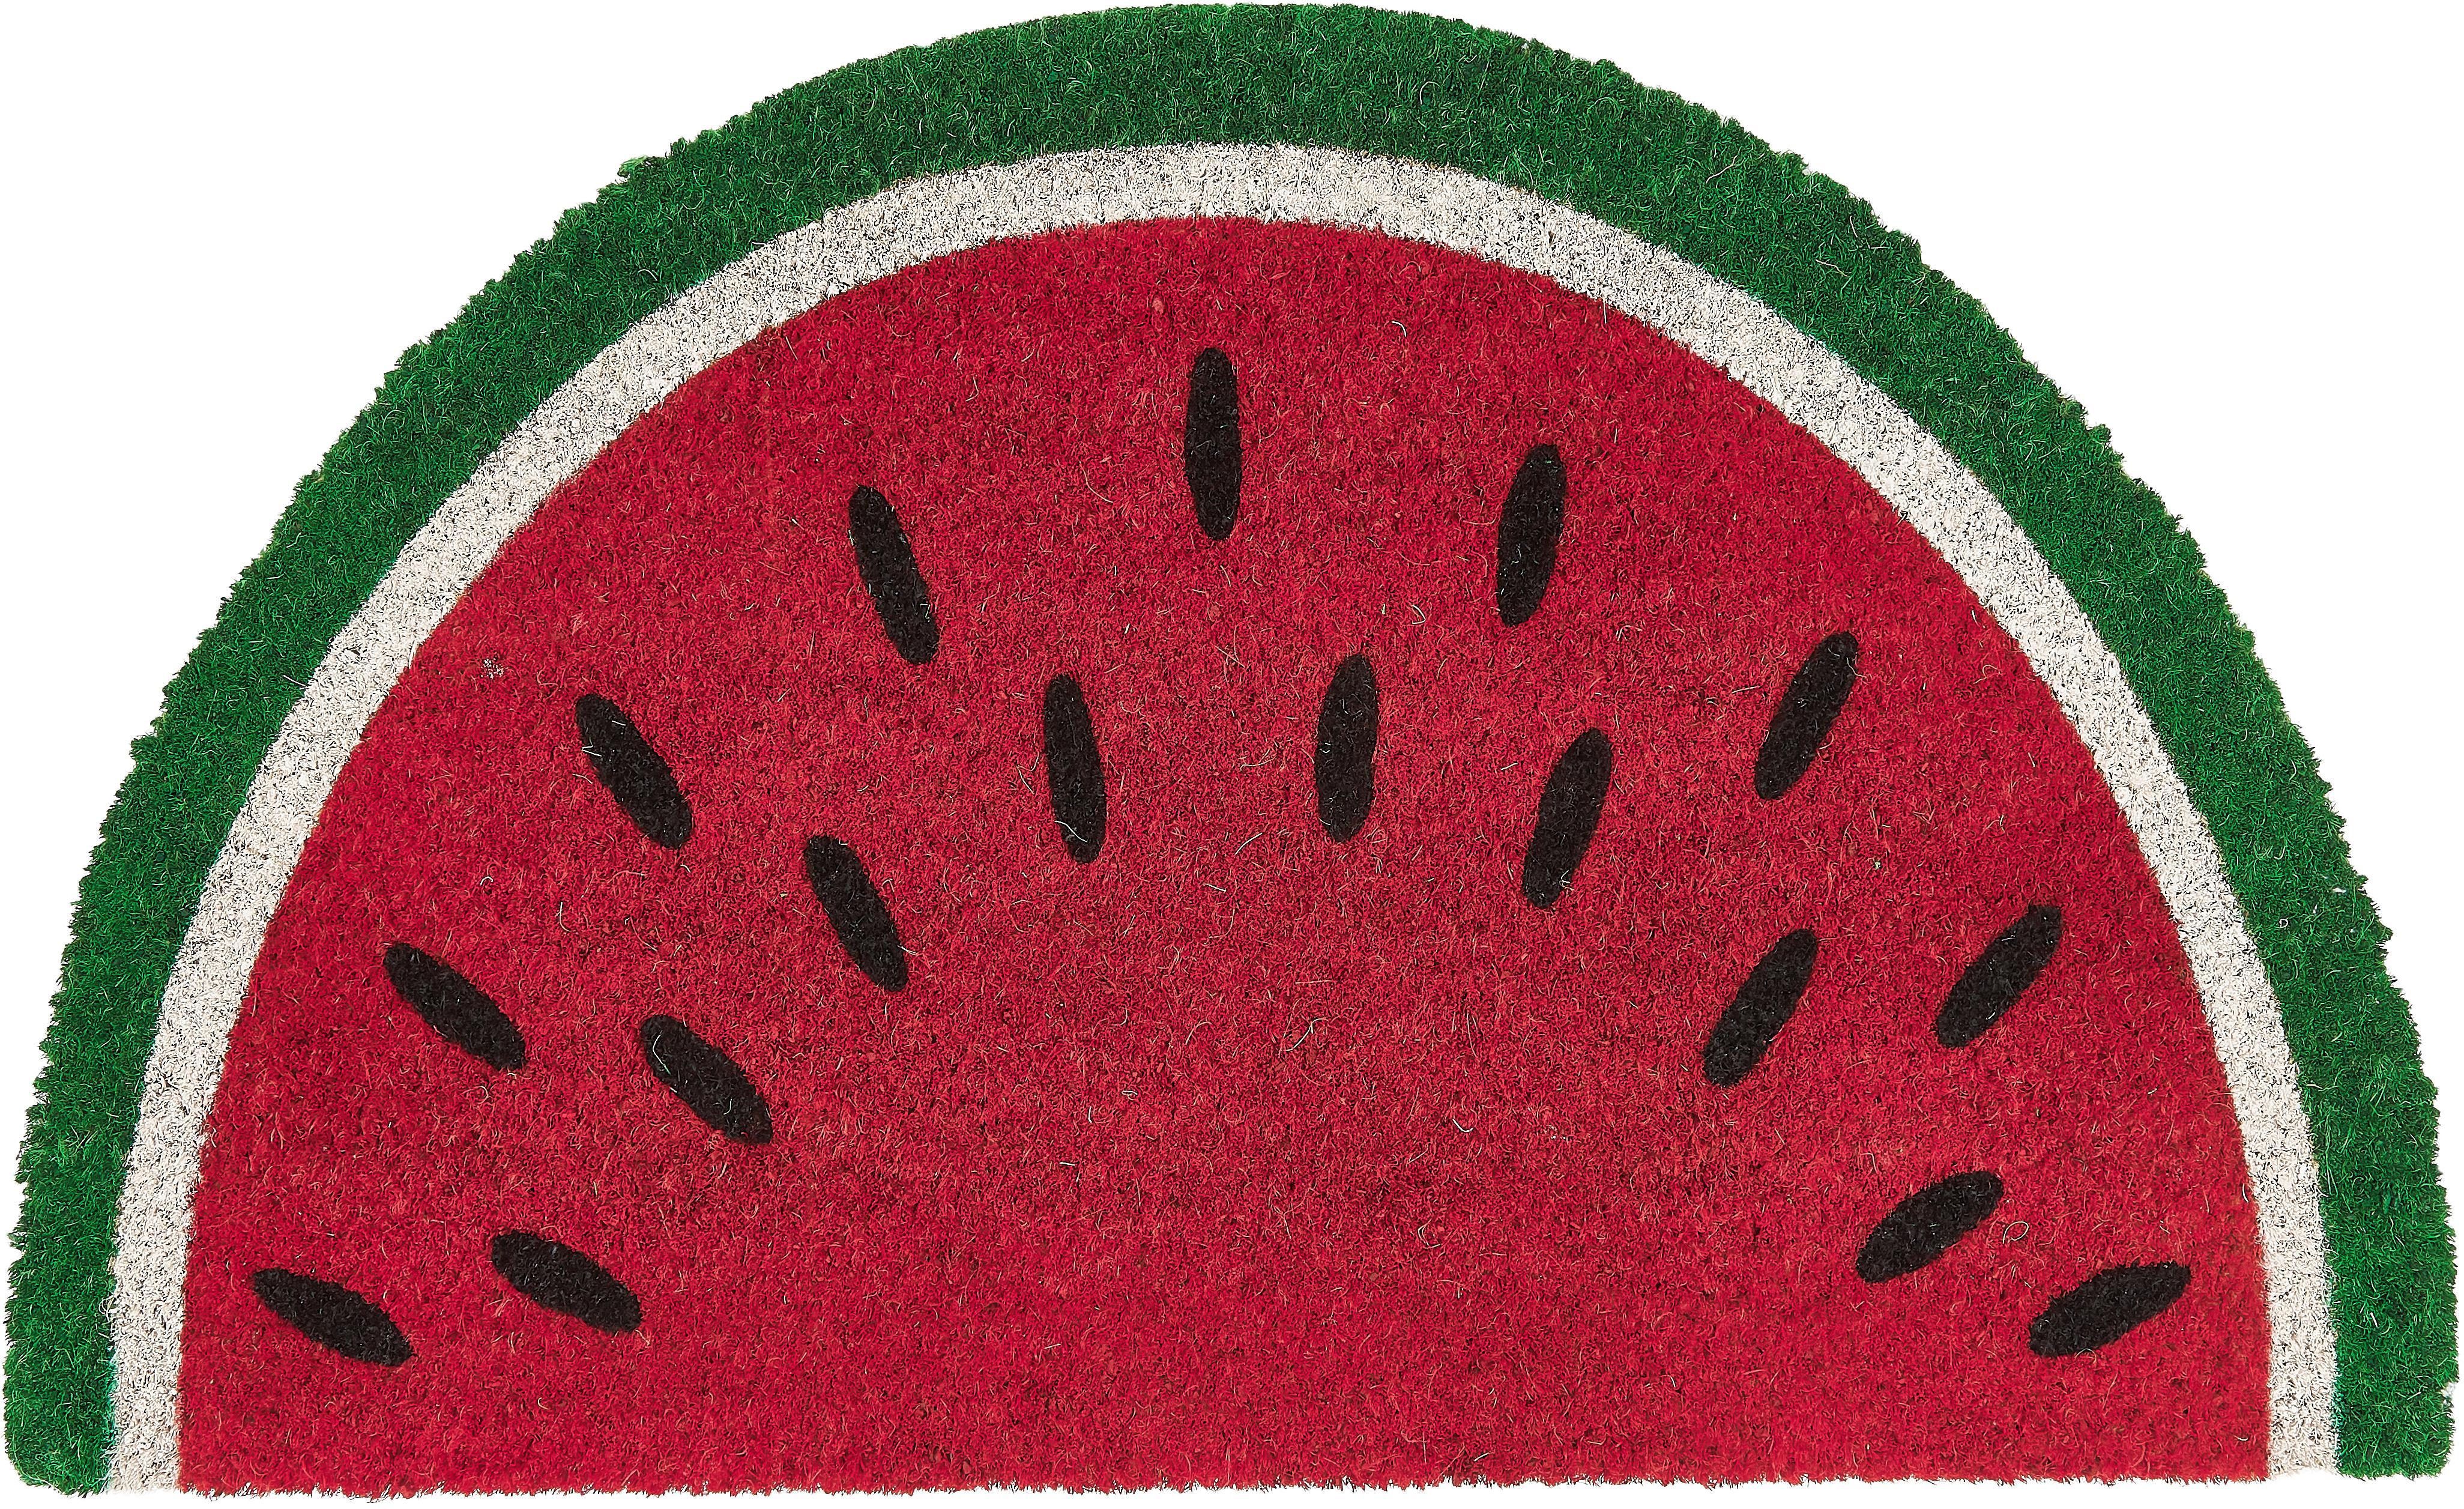 Fußmatte Watermelon, Oberseite: Kokosfaser, Unterseite: Kunststoff (PVC), Rot, Grün, Weiß, Schwarz, 45 x 70 cm